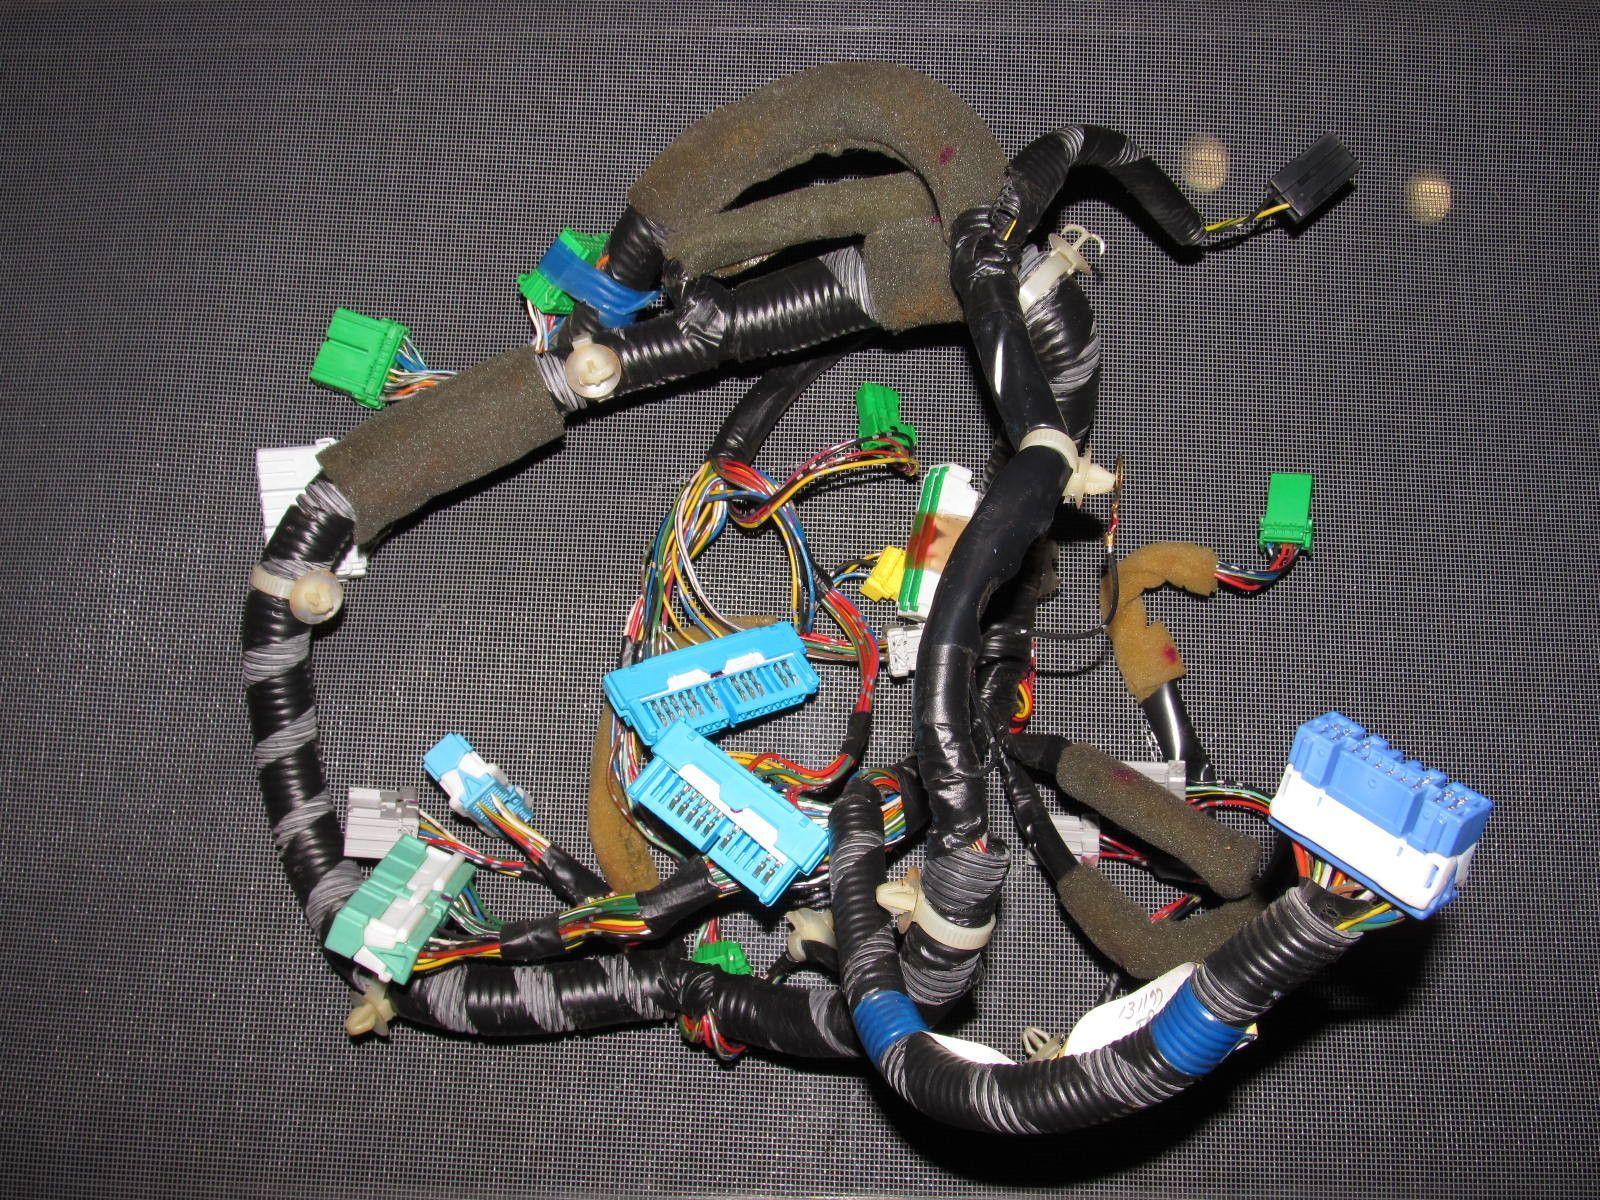 96 97 98 honda civic oem dash speedometer wiring harness civic ex honda civic  [ 1600 x 1200 Pixel ]